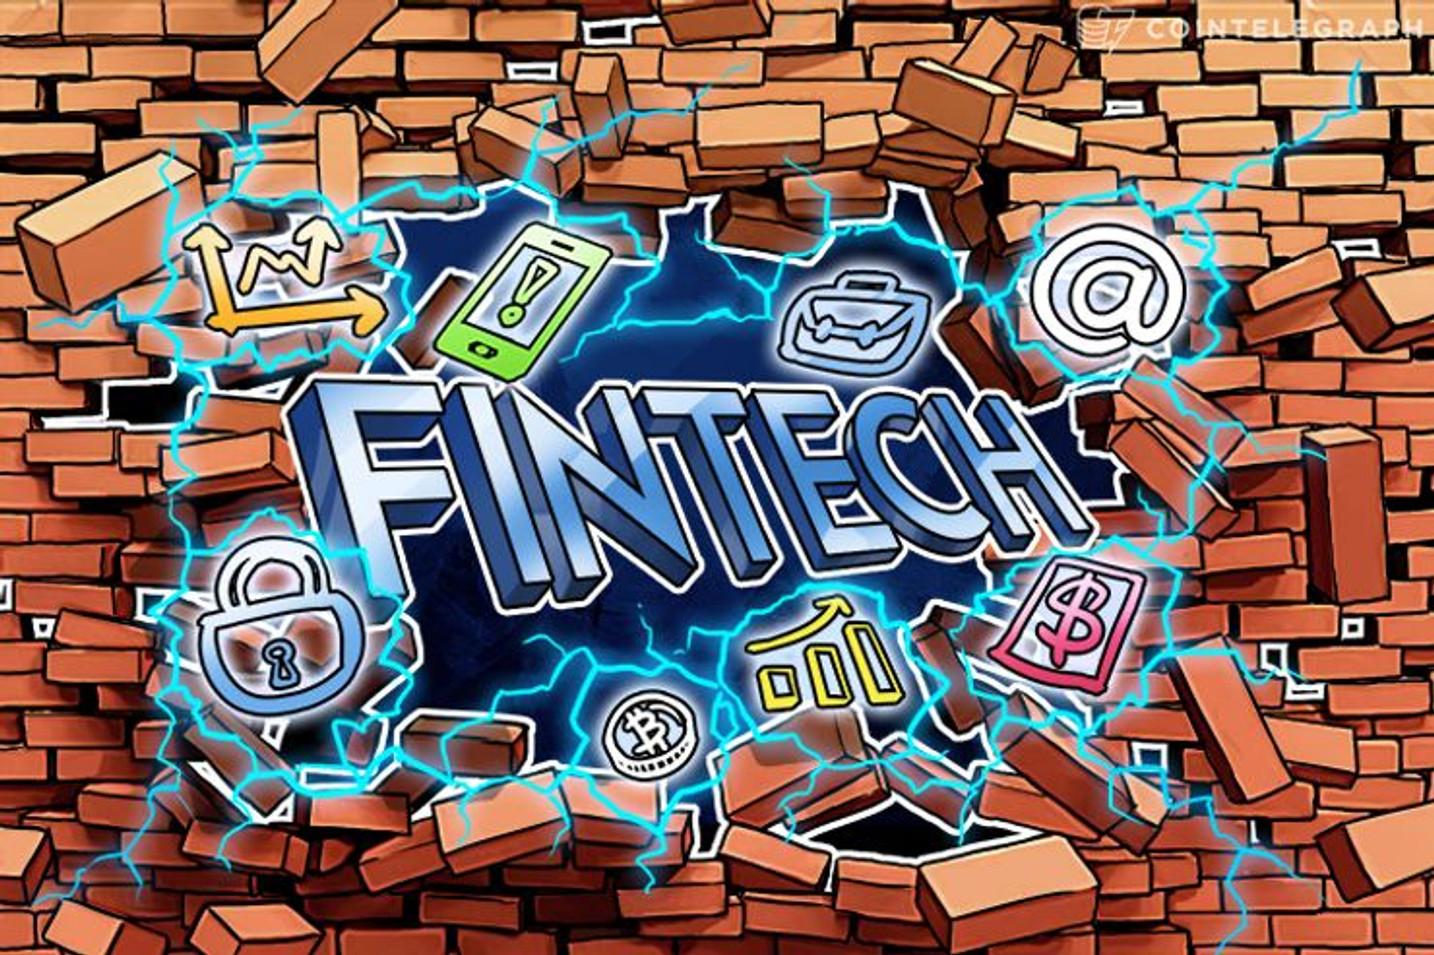 Desde AppsFlyer afirman que América Latina experimenta un crecimiento masivo de Fintech